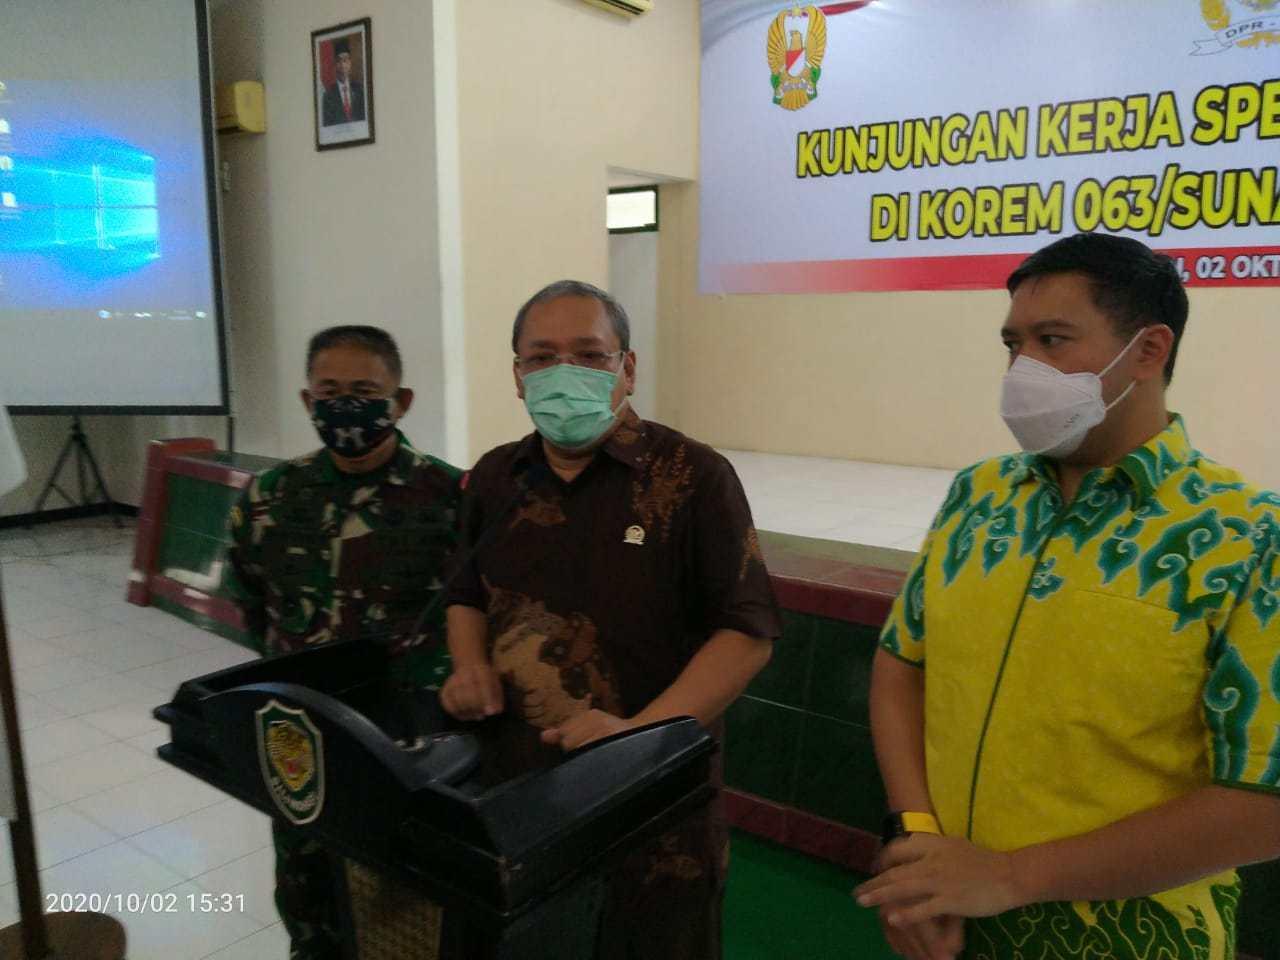 Sambangi Korem 063/SGJ Cirebon, Dave Laksono Pantau Penanganan COVID-19 Yang Makin Melonjak